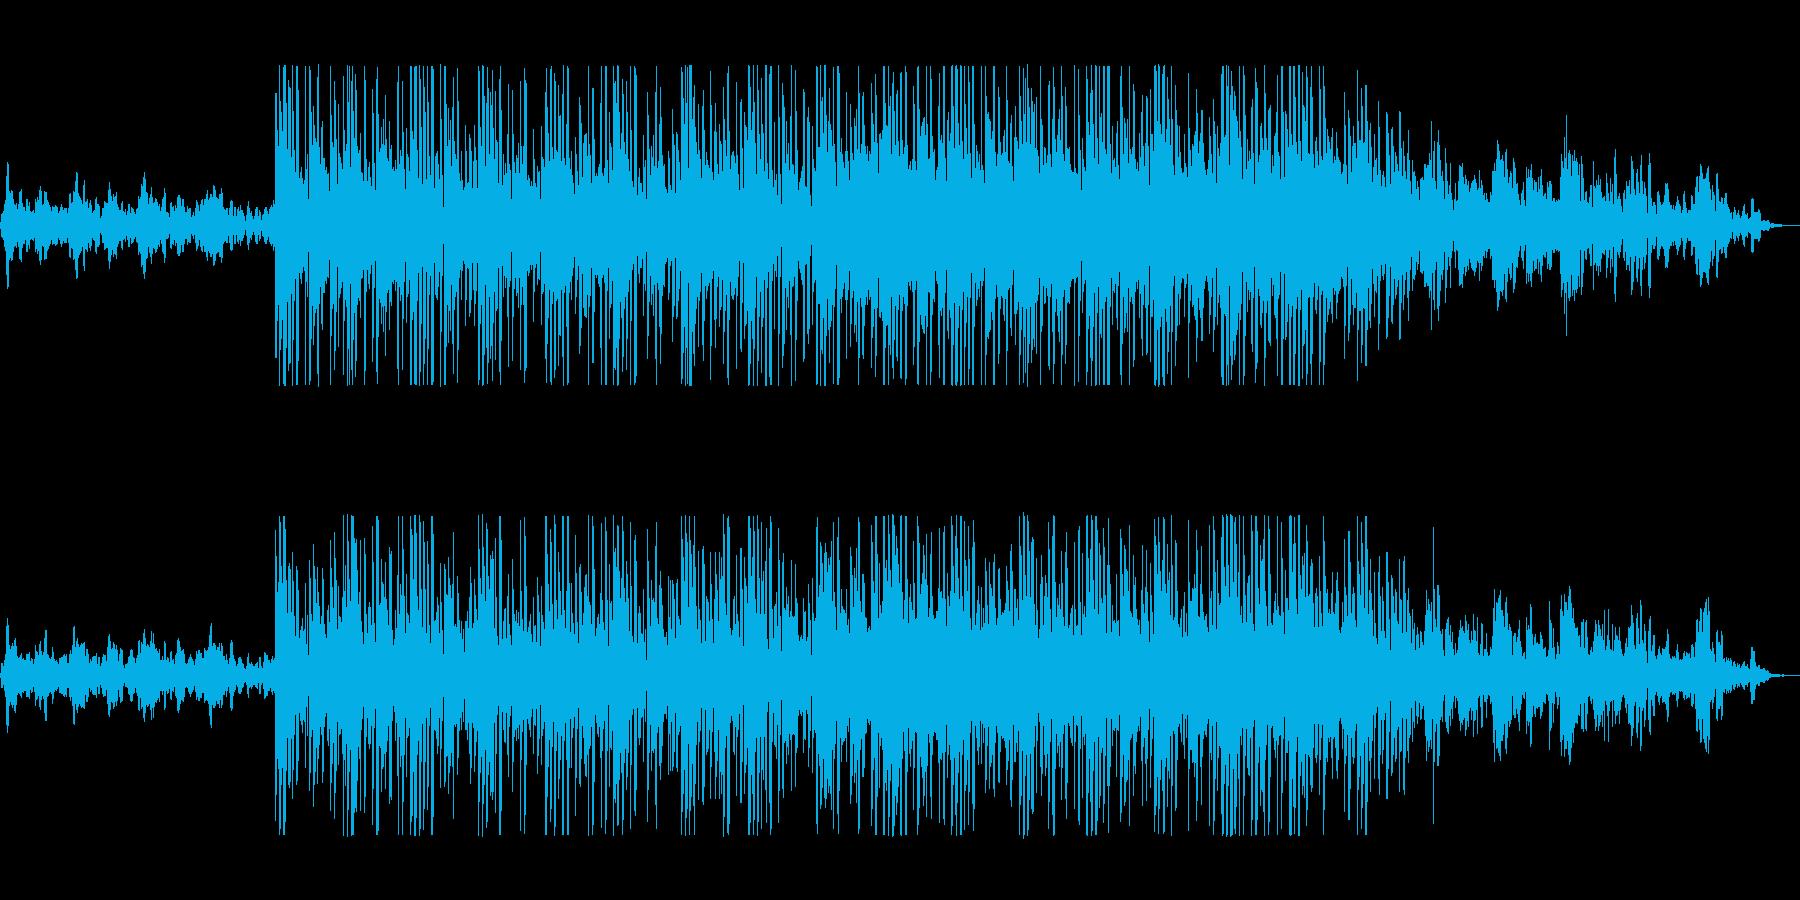 涼しげで神秘的なシンセサイザーサウンドの再生済みの波形